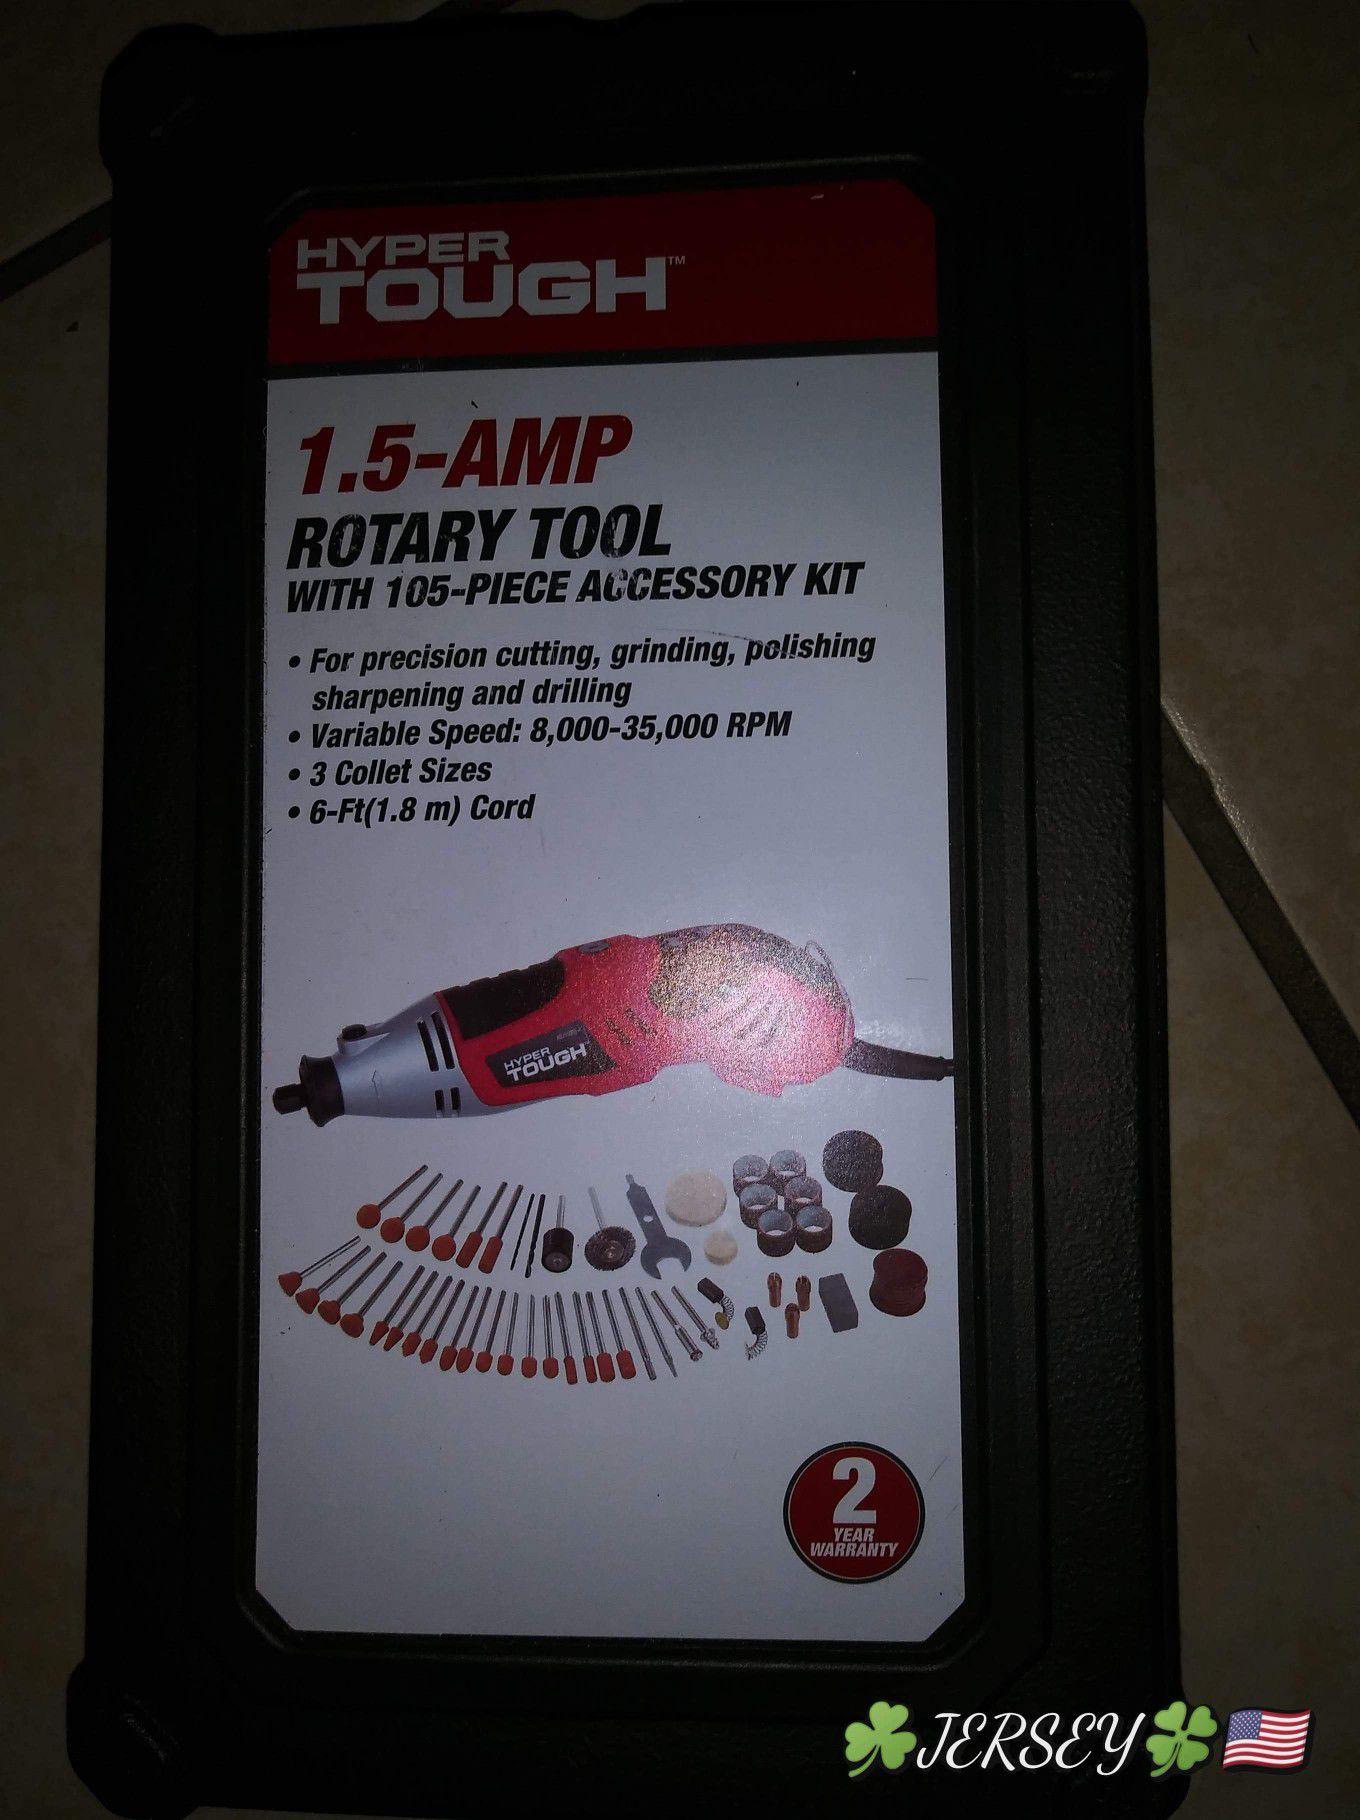 Hyper tough 1.5 rotary tool